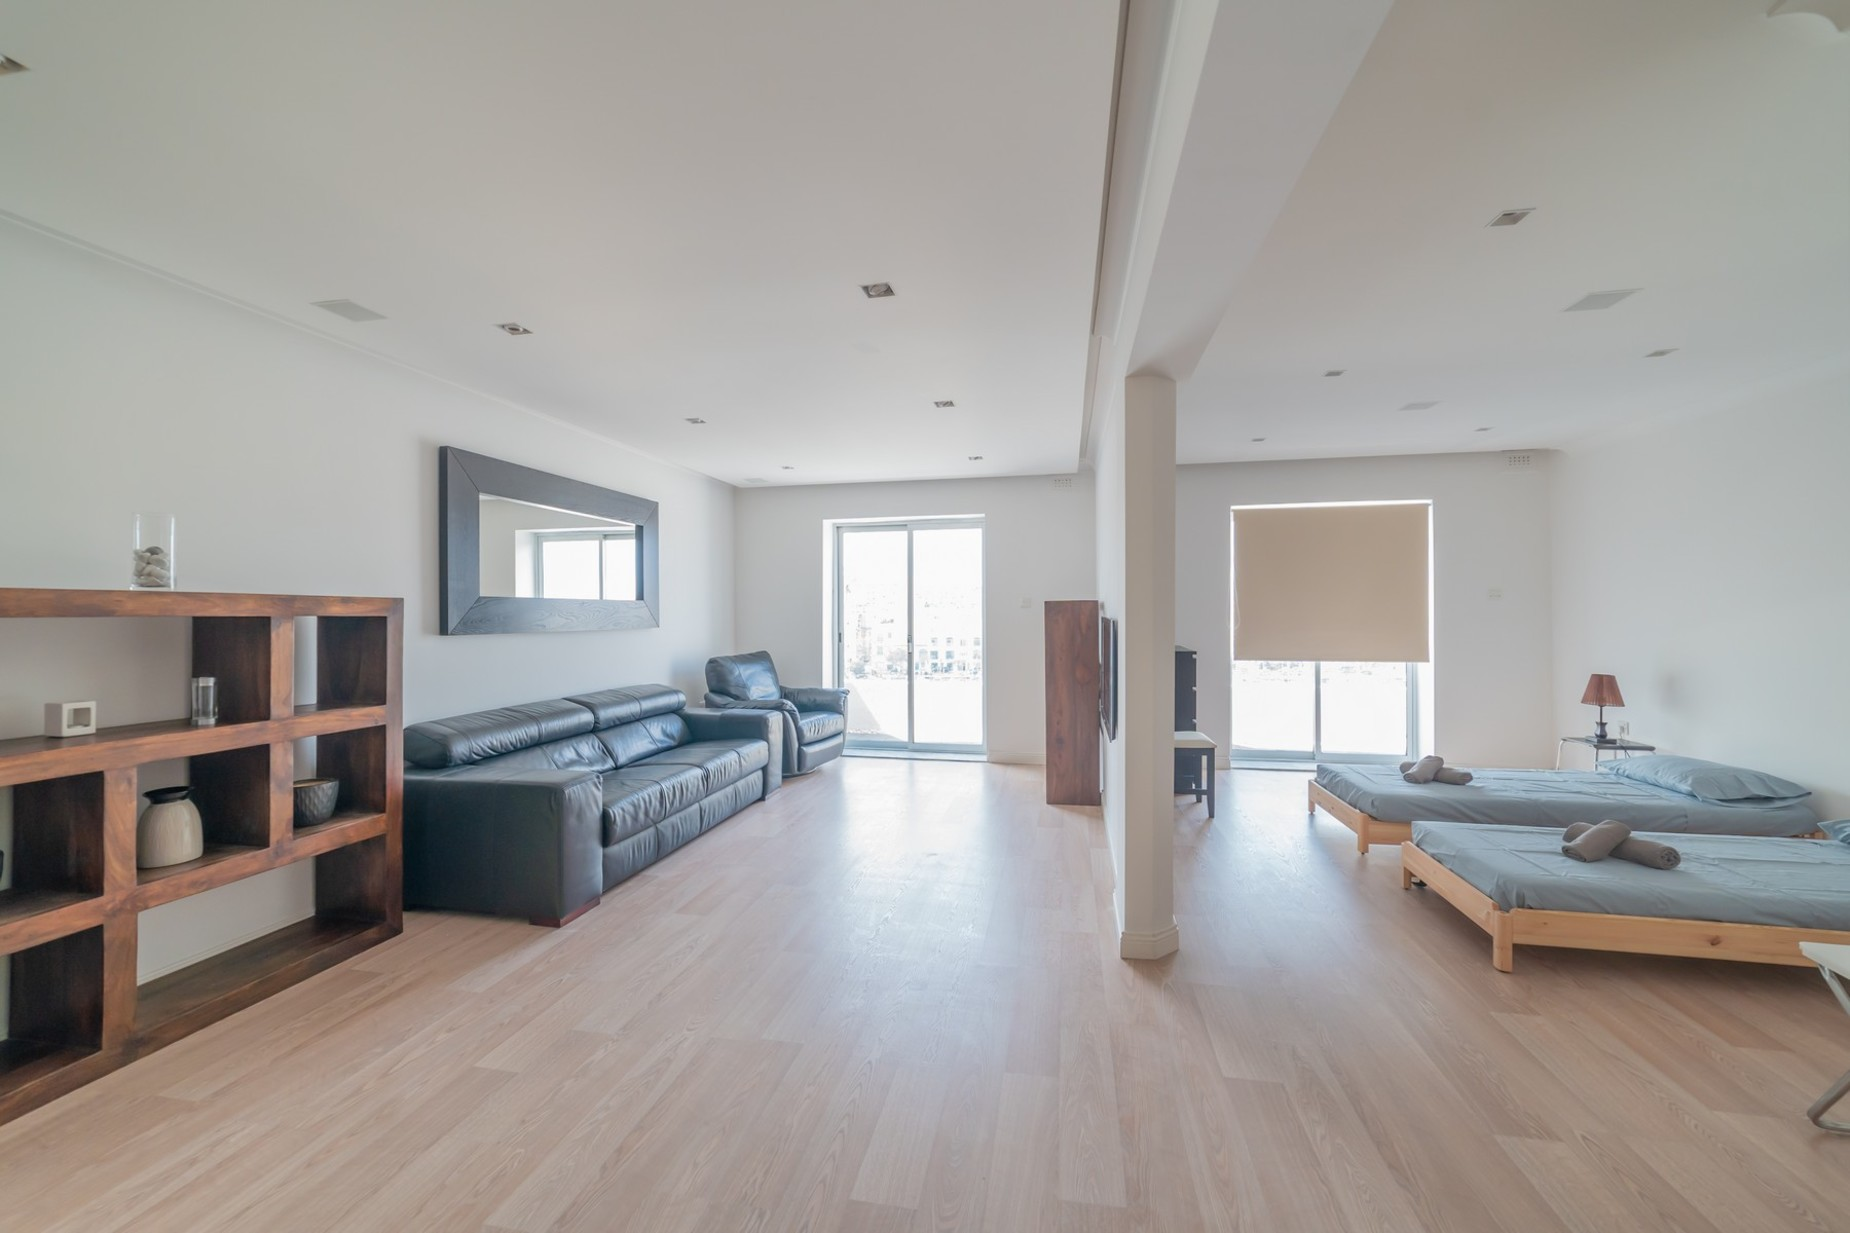 3 bed Apartment For Rent in Pieta, Pieta - thumb 20